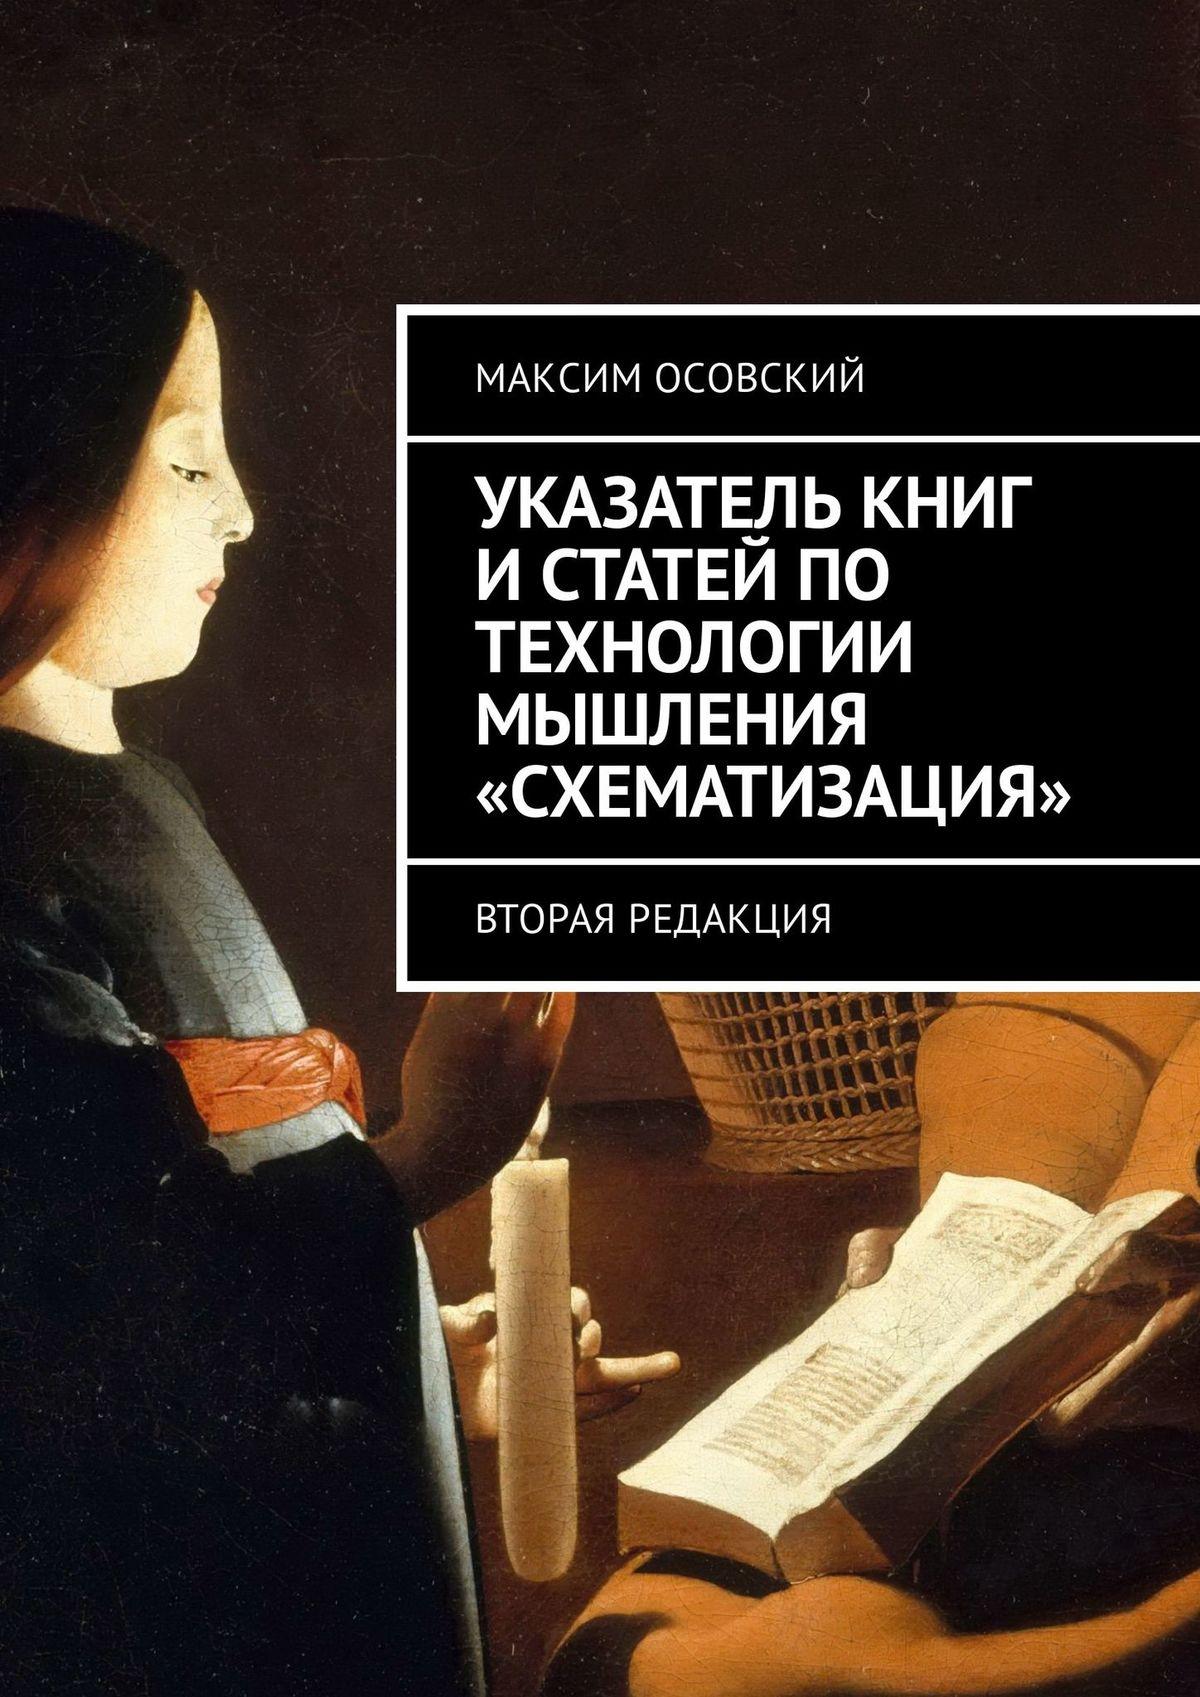 Указатель книг и статей по технологии мышления «Схематизация». Вторая редакция